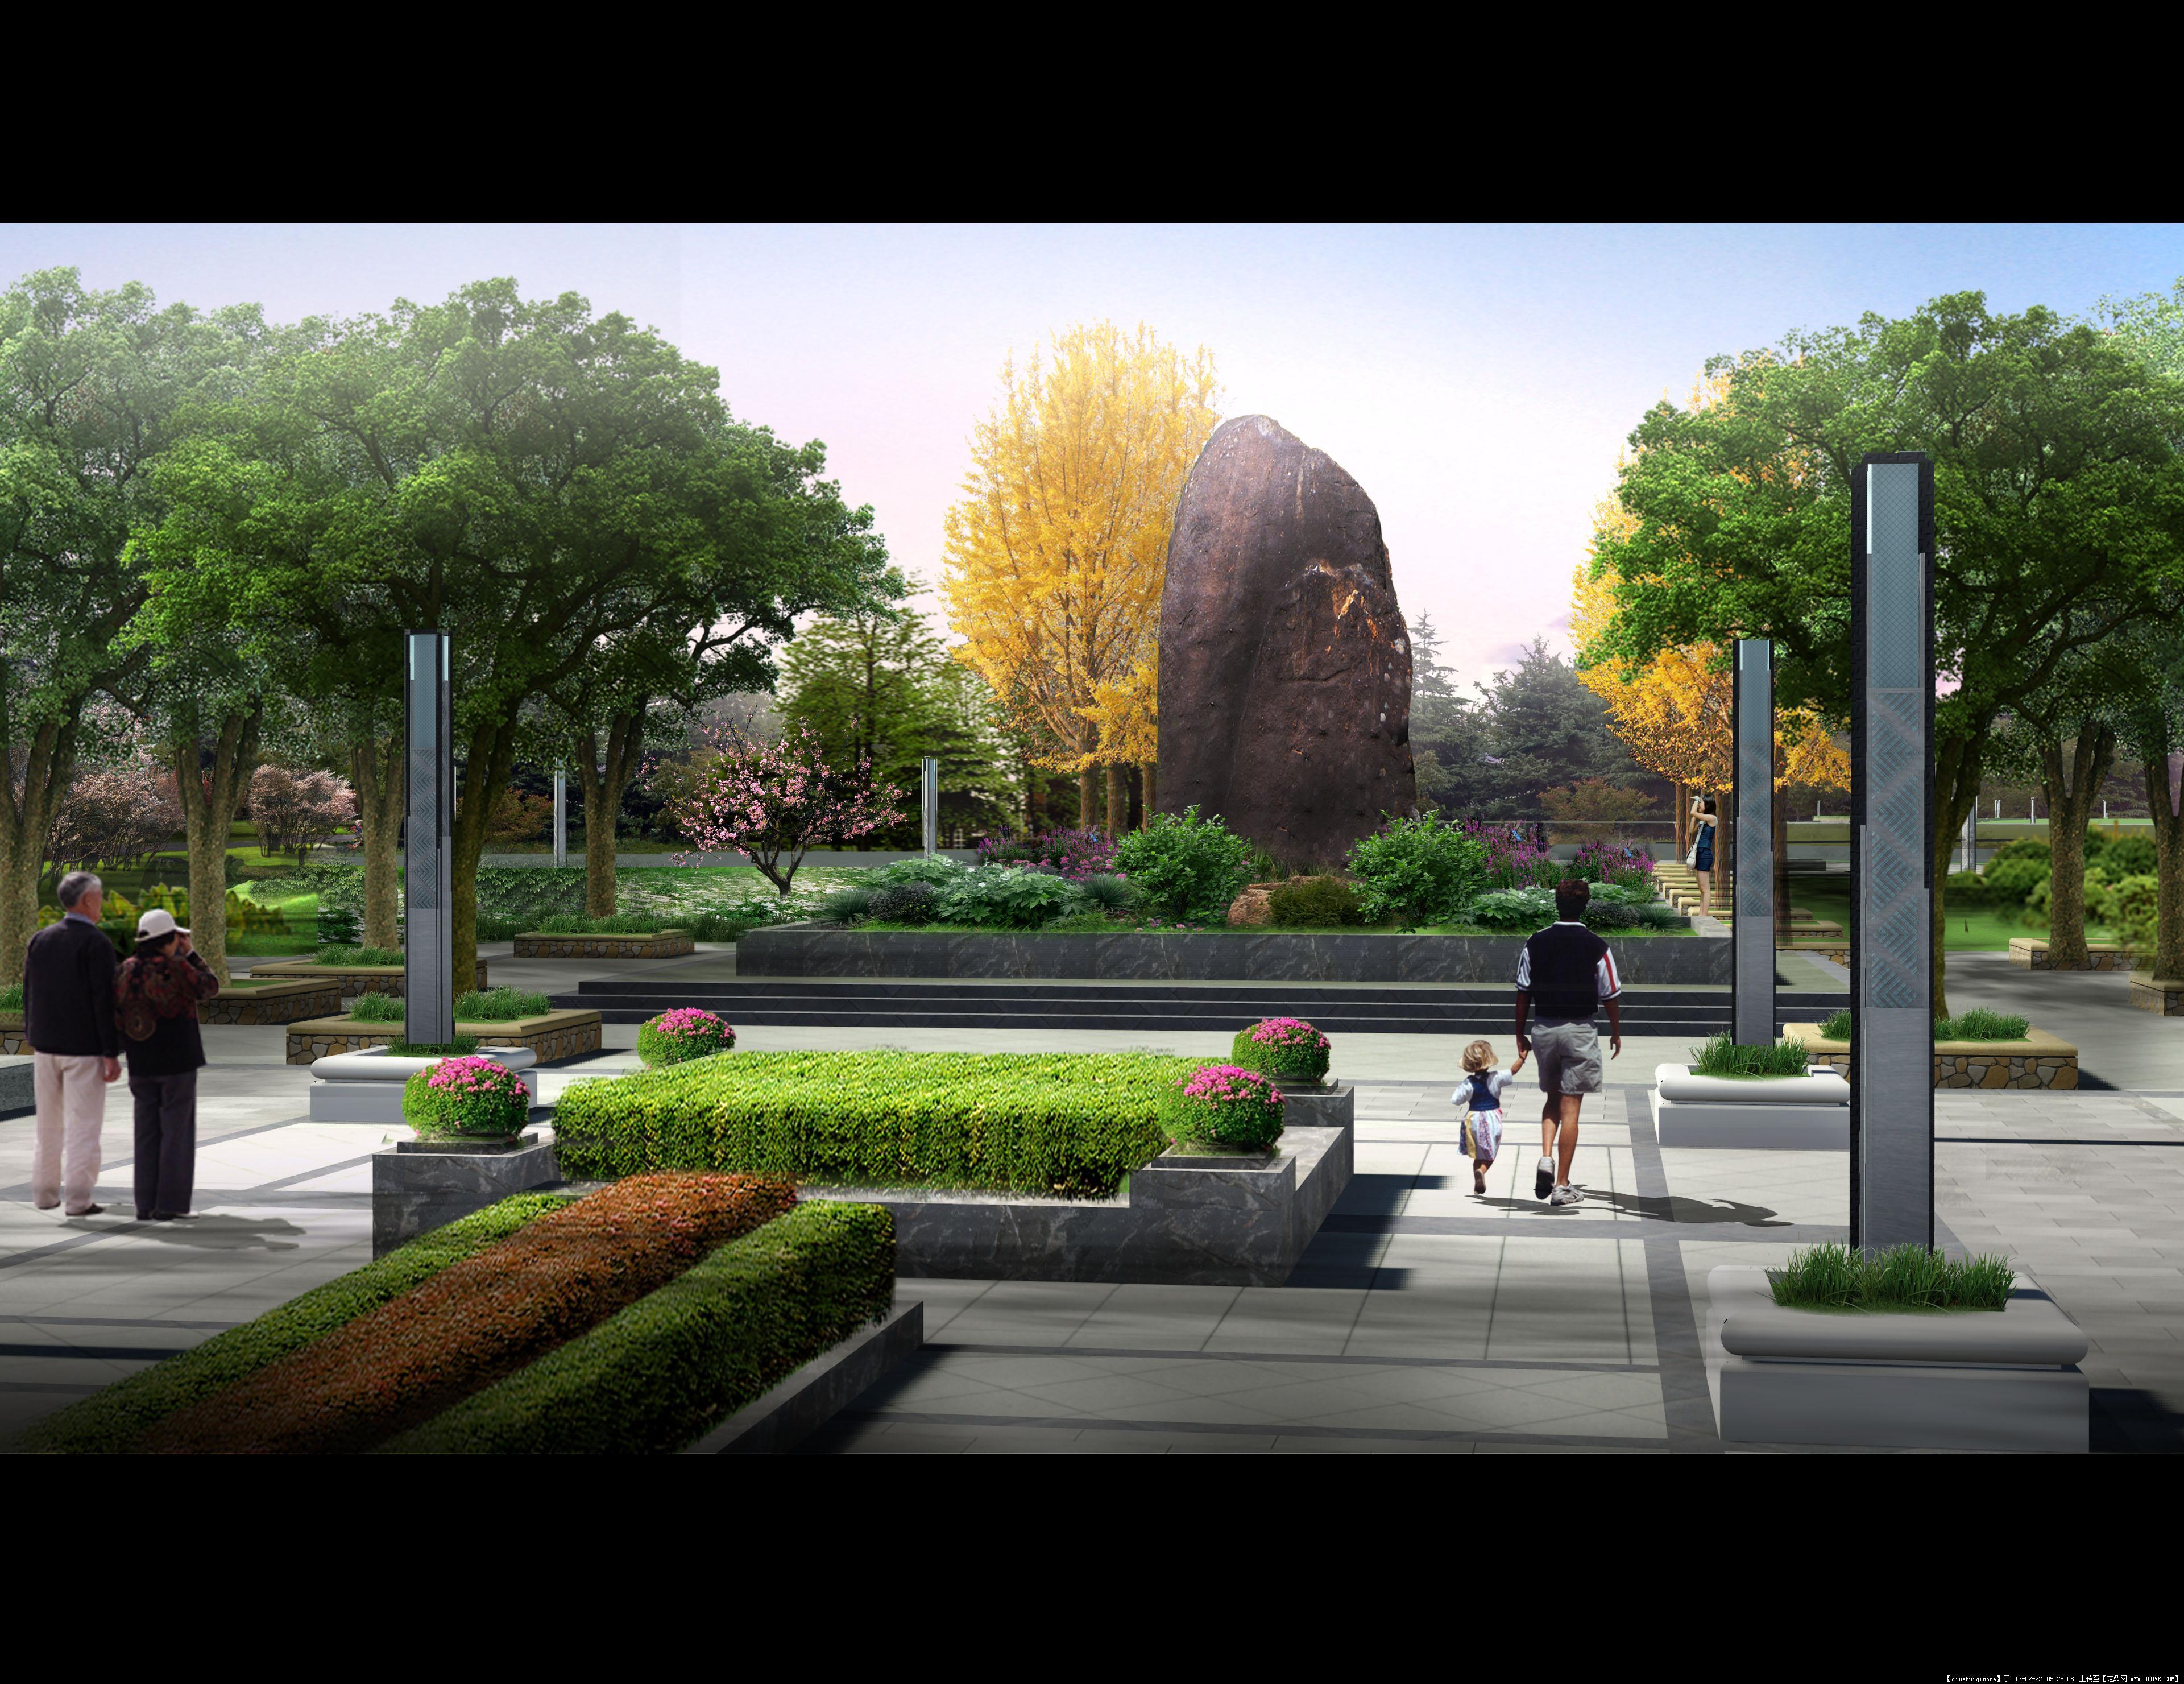 广场景观效果图的图片浏览,园林效果图,城市广场,园林